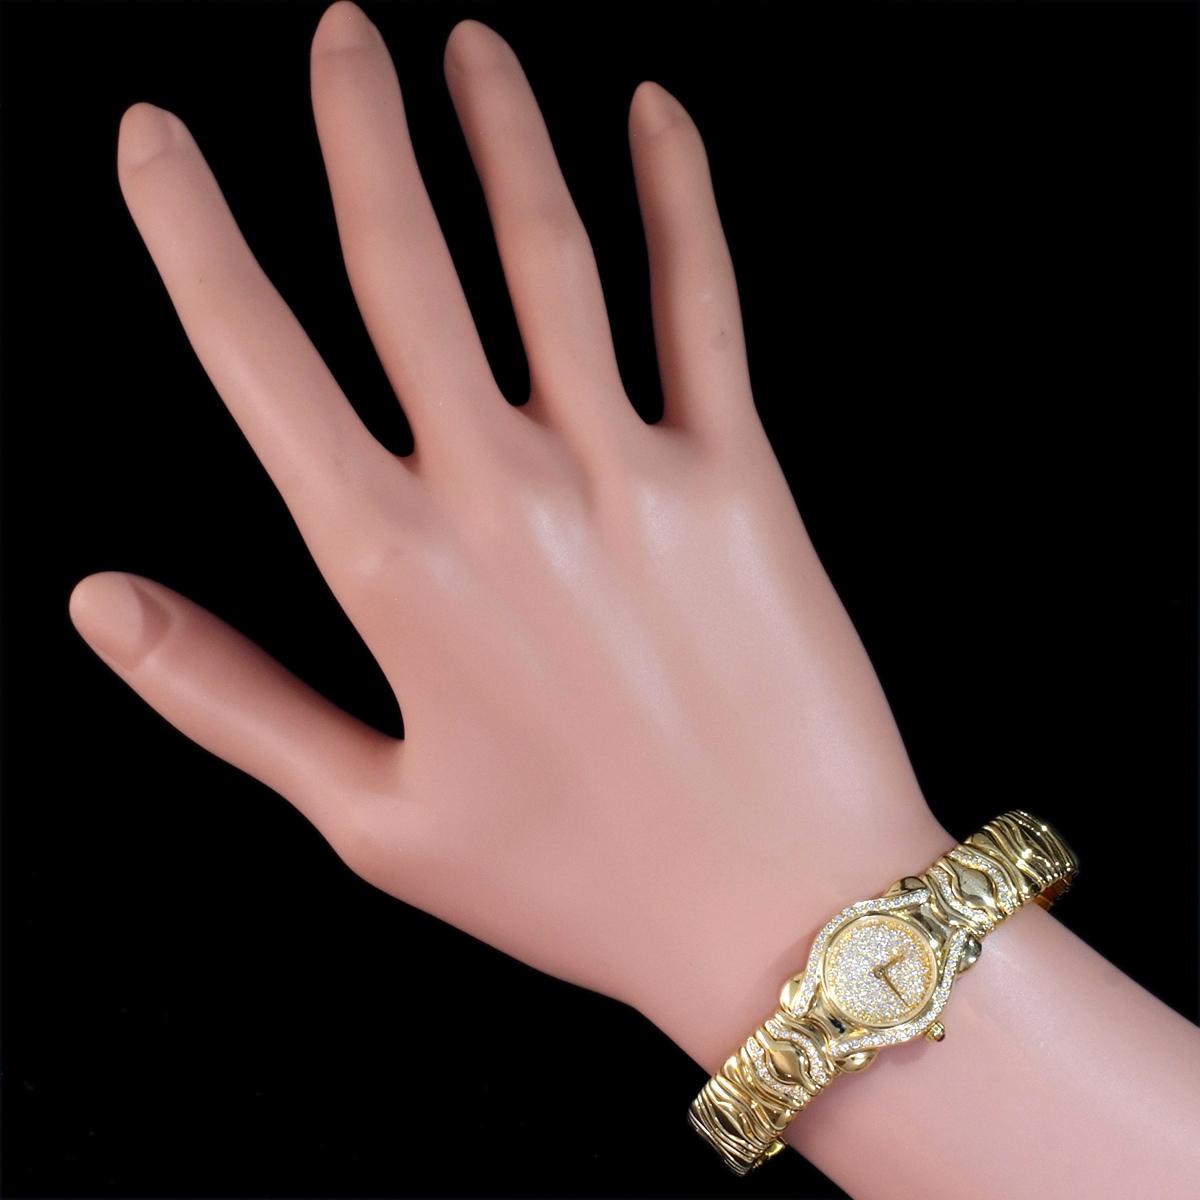 F0376【LALANNE】天然絶品ダイヤモンド ルビー 最高級18金無垢セレブリティレディQZ 腕周り18cm 重量68.0g ケース幅20.0mm_画像4